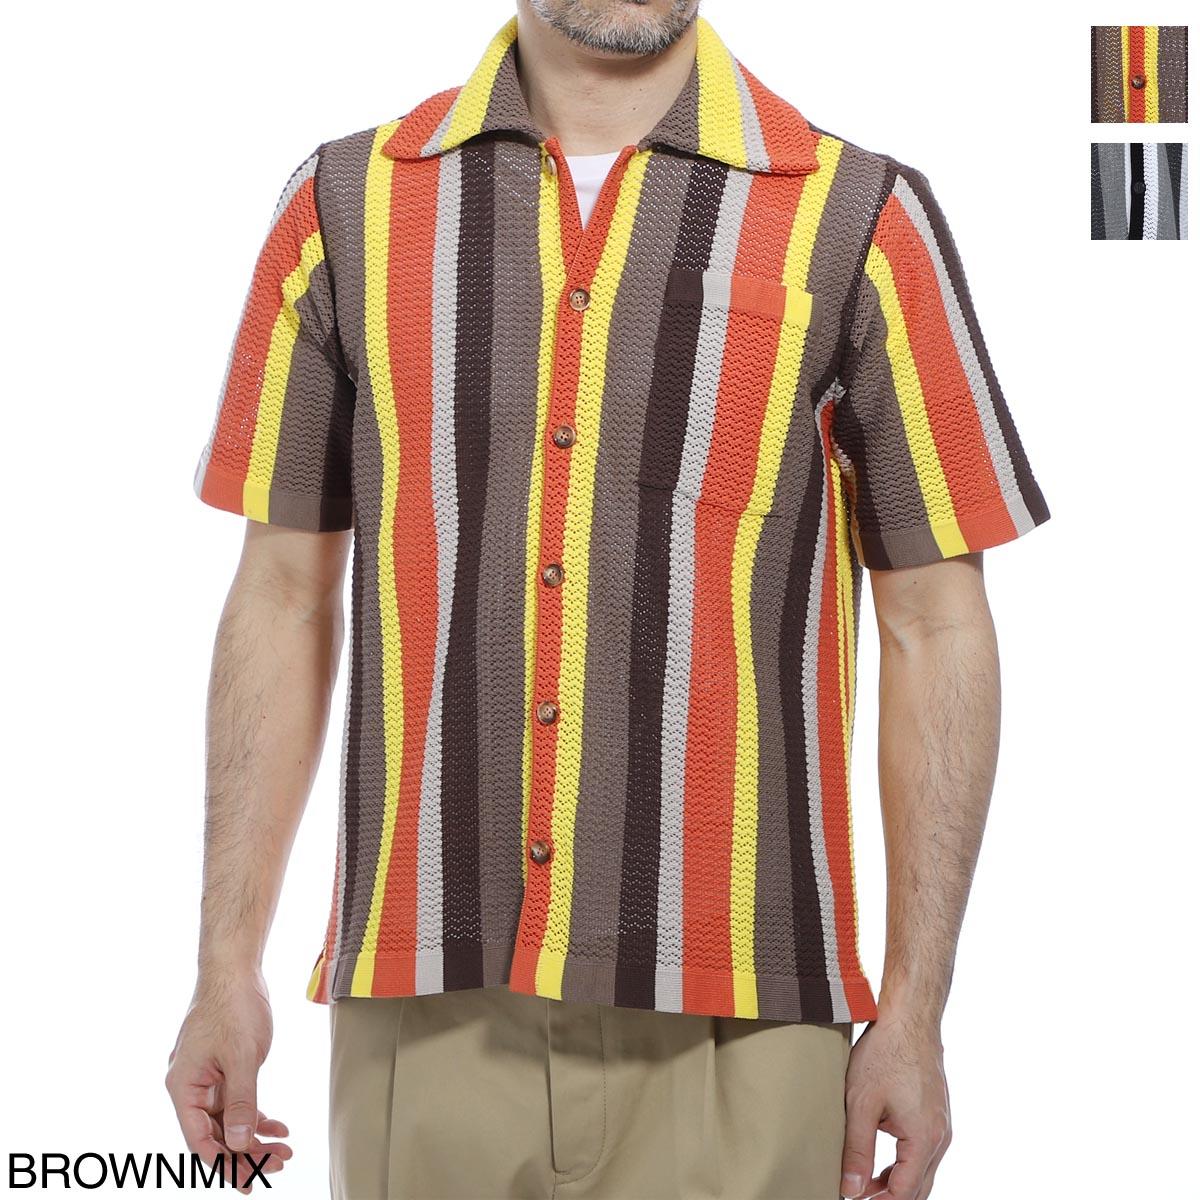 バフィ BAFY 半袖ニットシャツ メンズ 132 1692 32021 SHIRTS SS【あす楽対応_関東】【返品送料無料】【ラッピング無料】